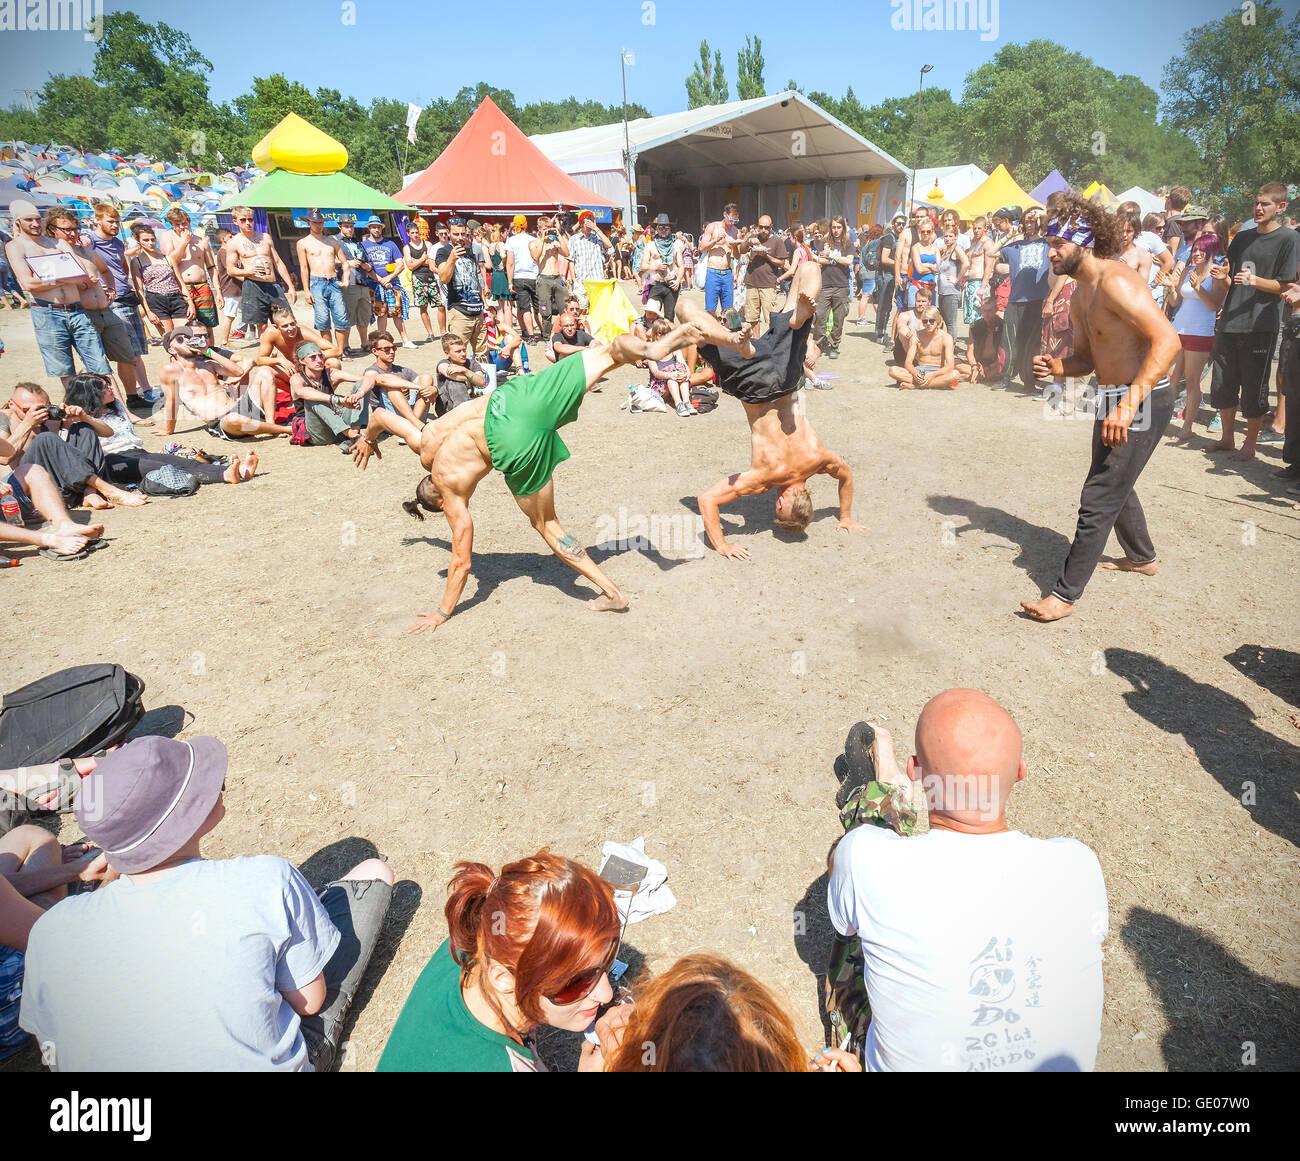 La gente ve la capoeira durante 21 Festival de Woodstock en Polonia. Imagen De Stock